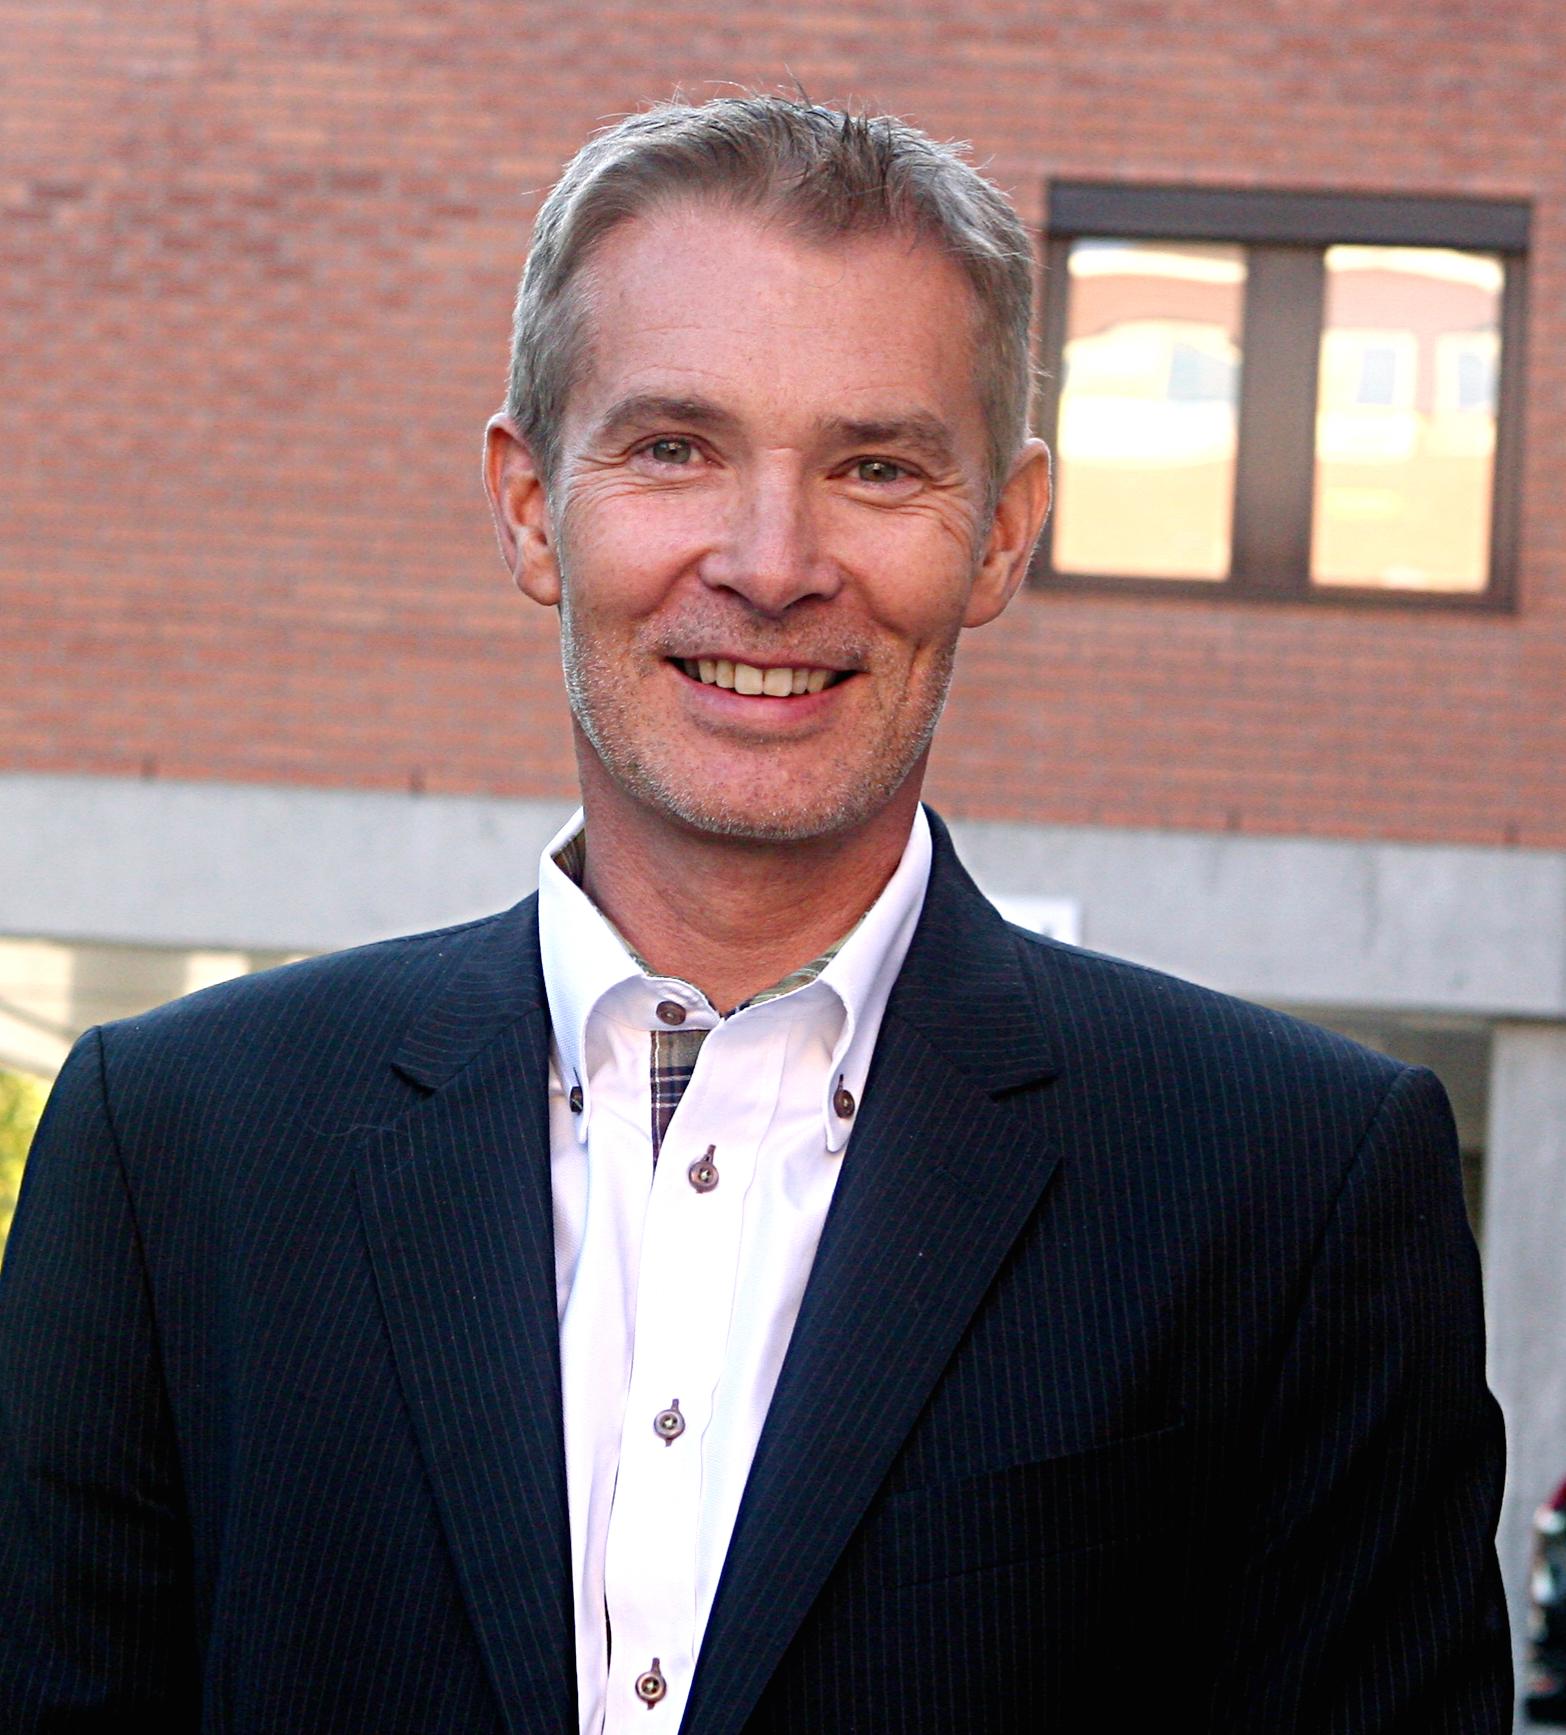 I sin roll som Vice President Sales i norra Europa blir Fredrik Thor chef f�r Boschs s�kerhetsdivision i Sverige, Danmark, Norge, Finland och de baltiska l�nderna samt Storbritannien och Irland.